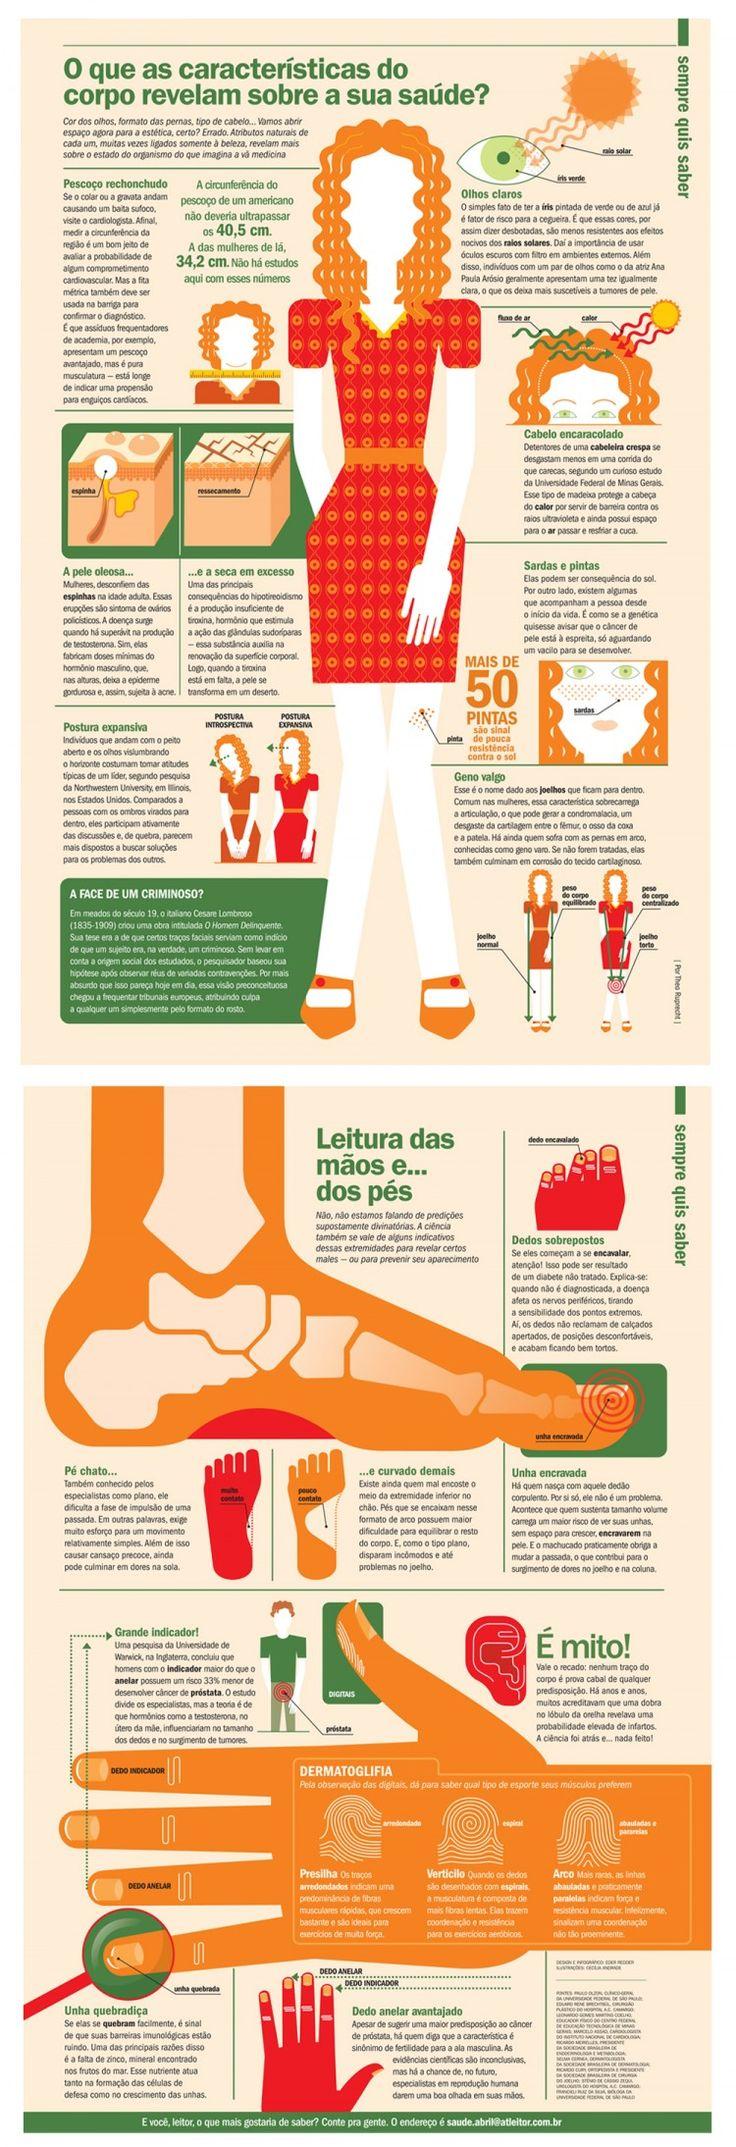 O que as caracteristicas do corpo revelam sobre a saúde  Visite http://planoodontologicoamil.com.br/